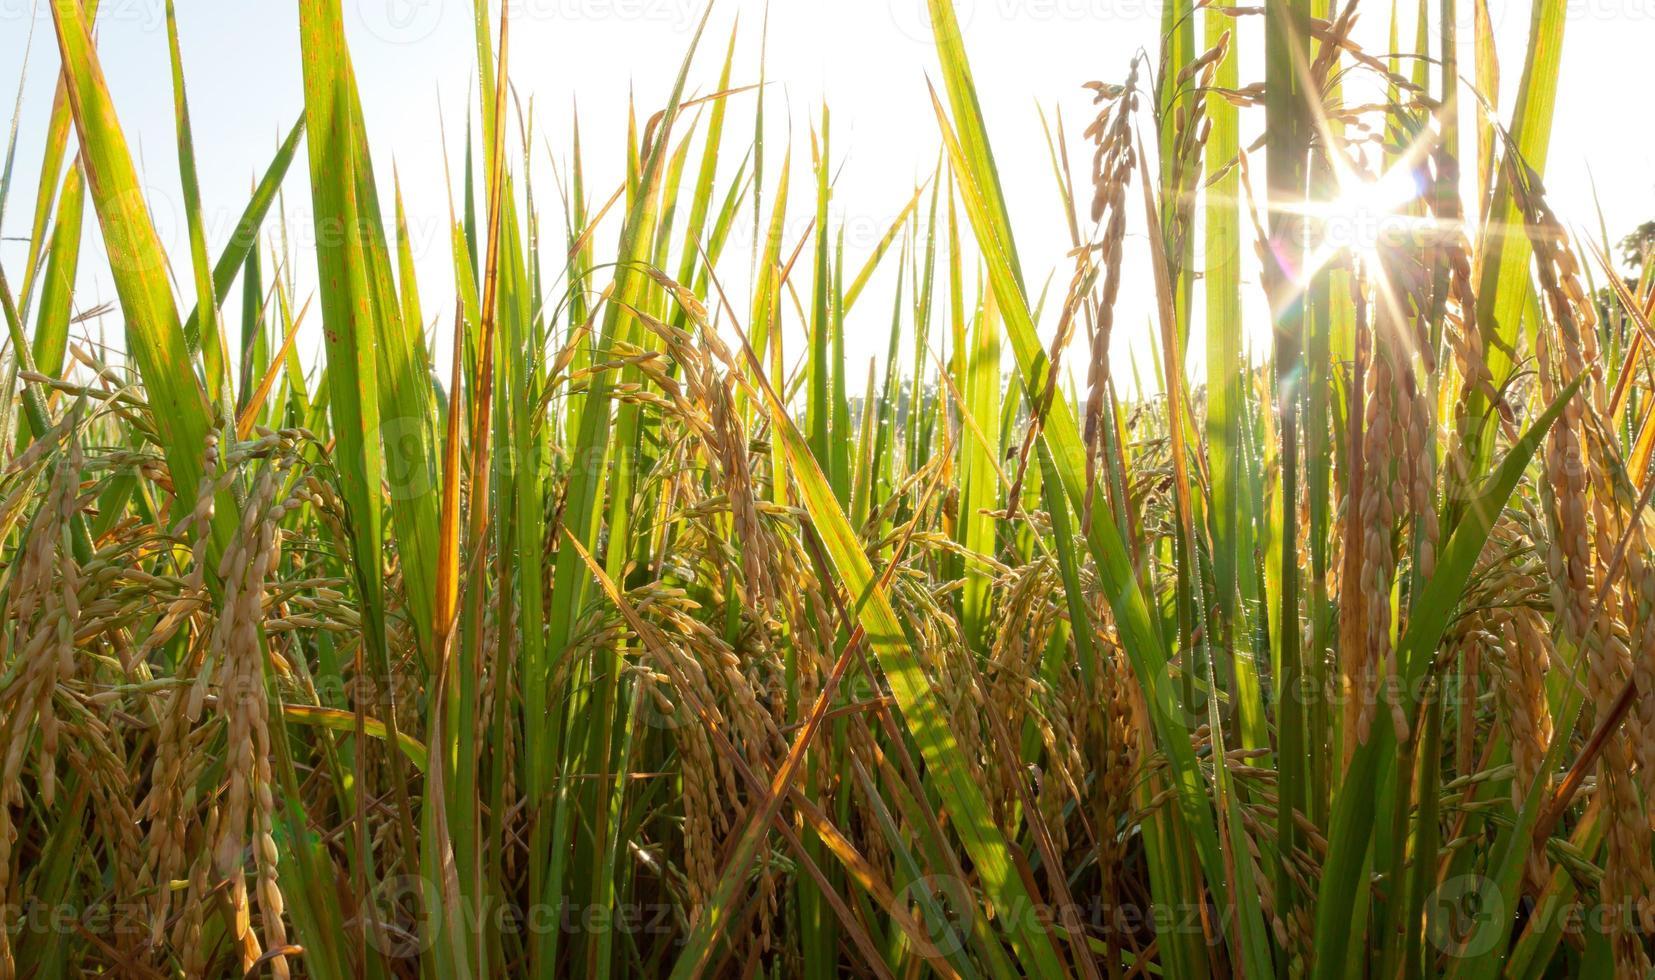 giornata di sole al campo di riso foto